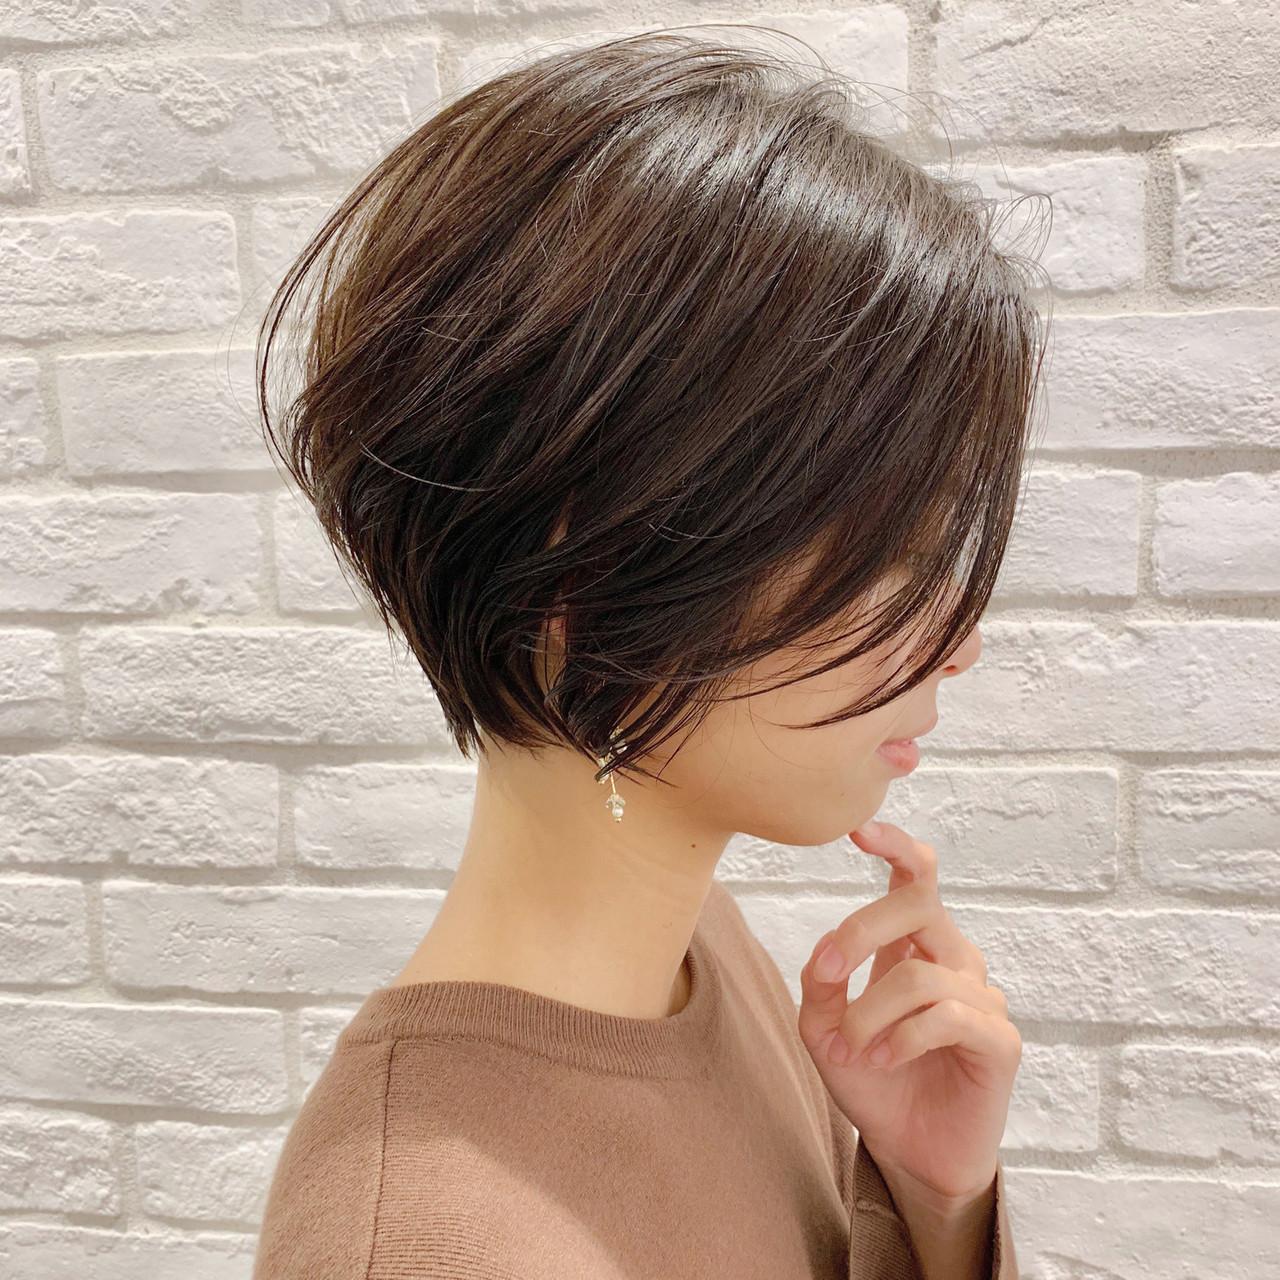 ナチュラル パーマ ヘアアレンジ ショート ヘアスタイルや髪型の写真・画像   ショートボブの匠【 山内大成 】『i.hair』 / 『 i. 』 omotesando